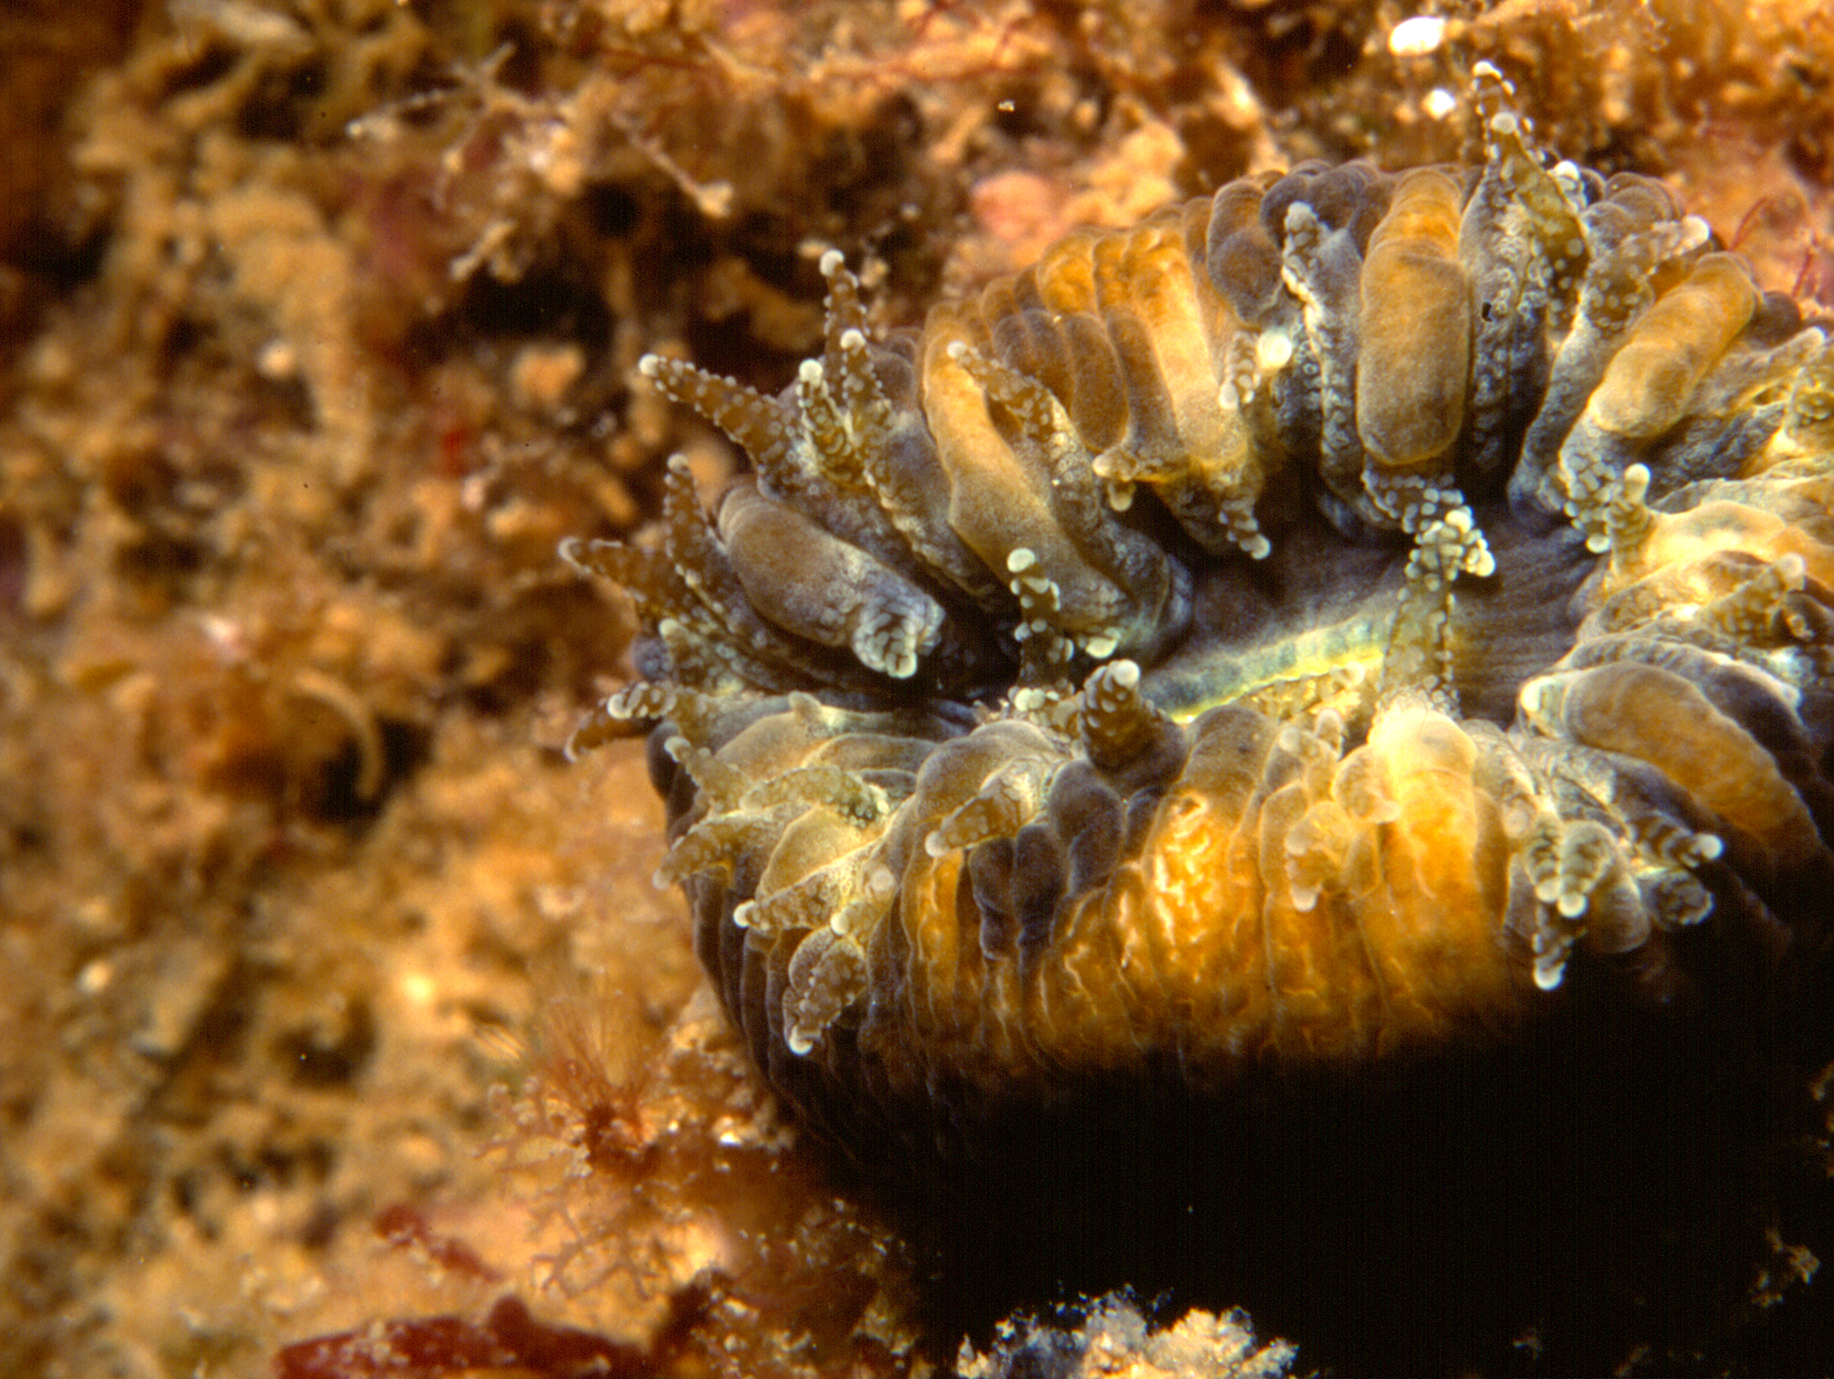 Balanophyllia europaea (Risso, 1826)